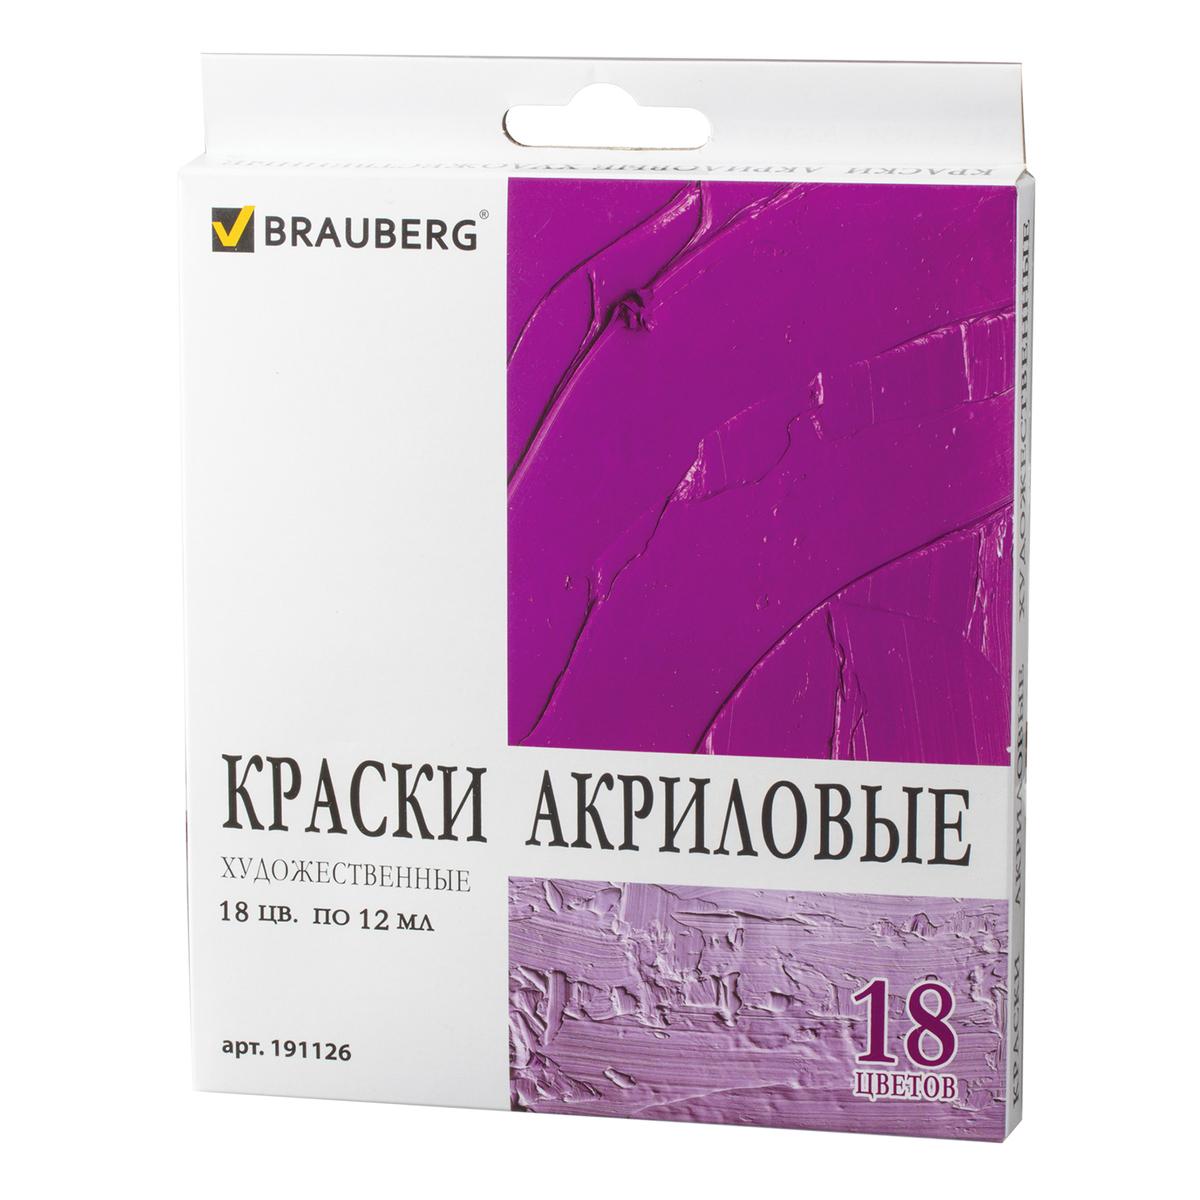 Brauberg Краски акриловые 18 цветов 191126